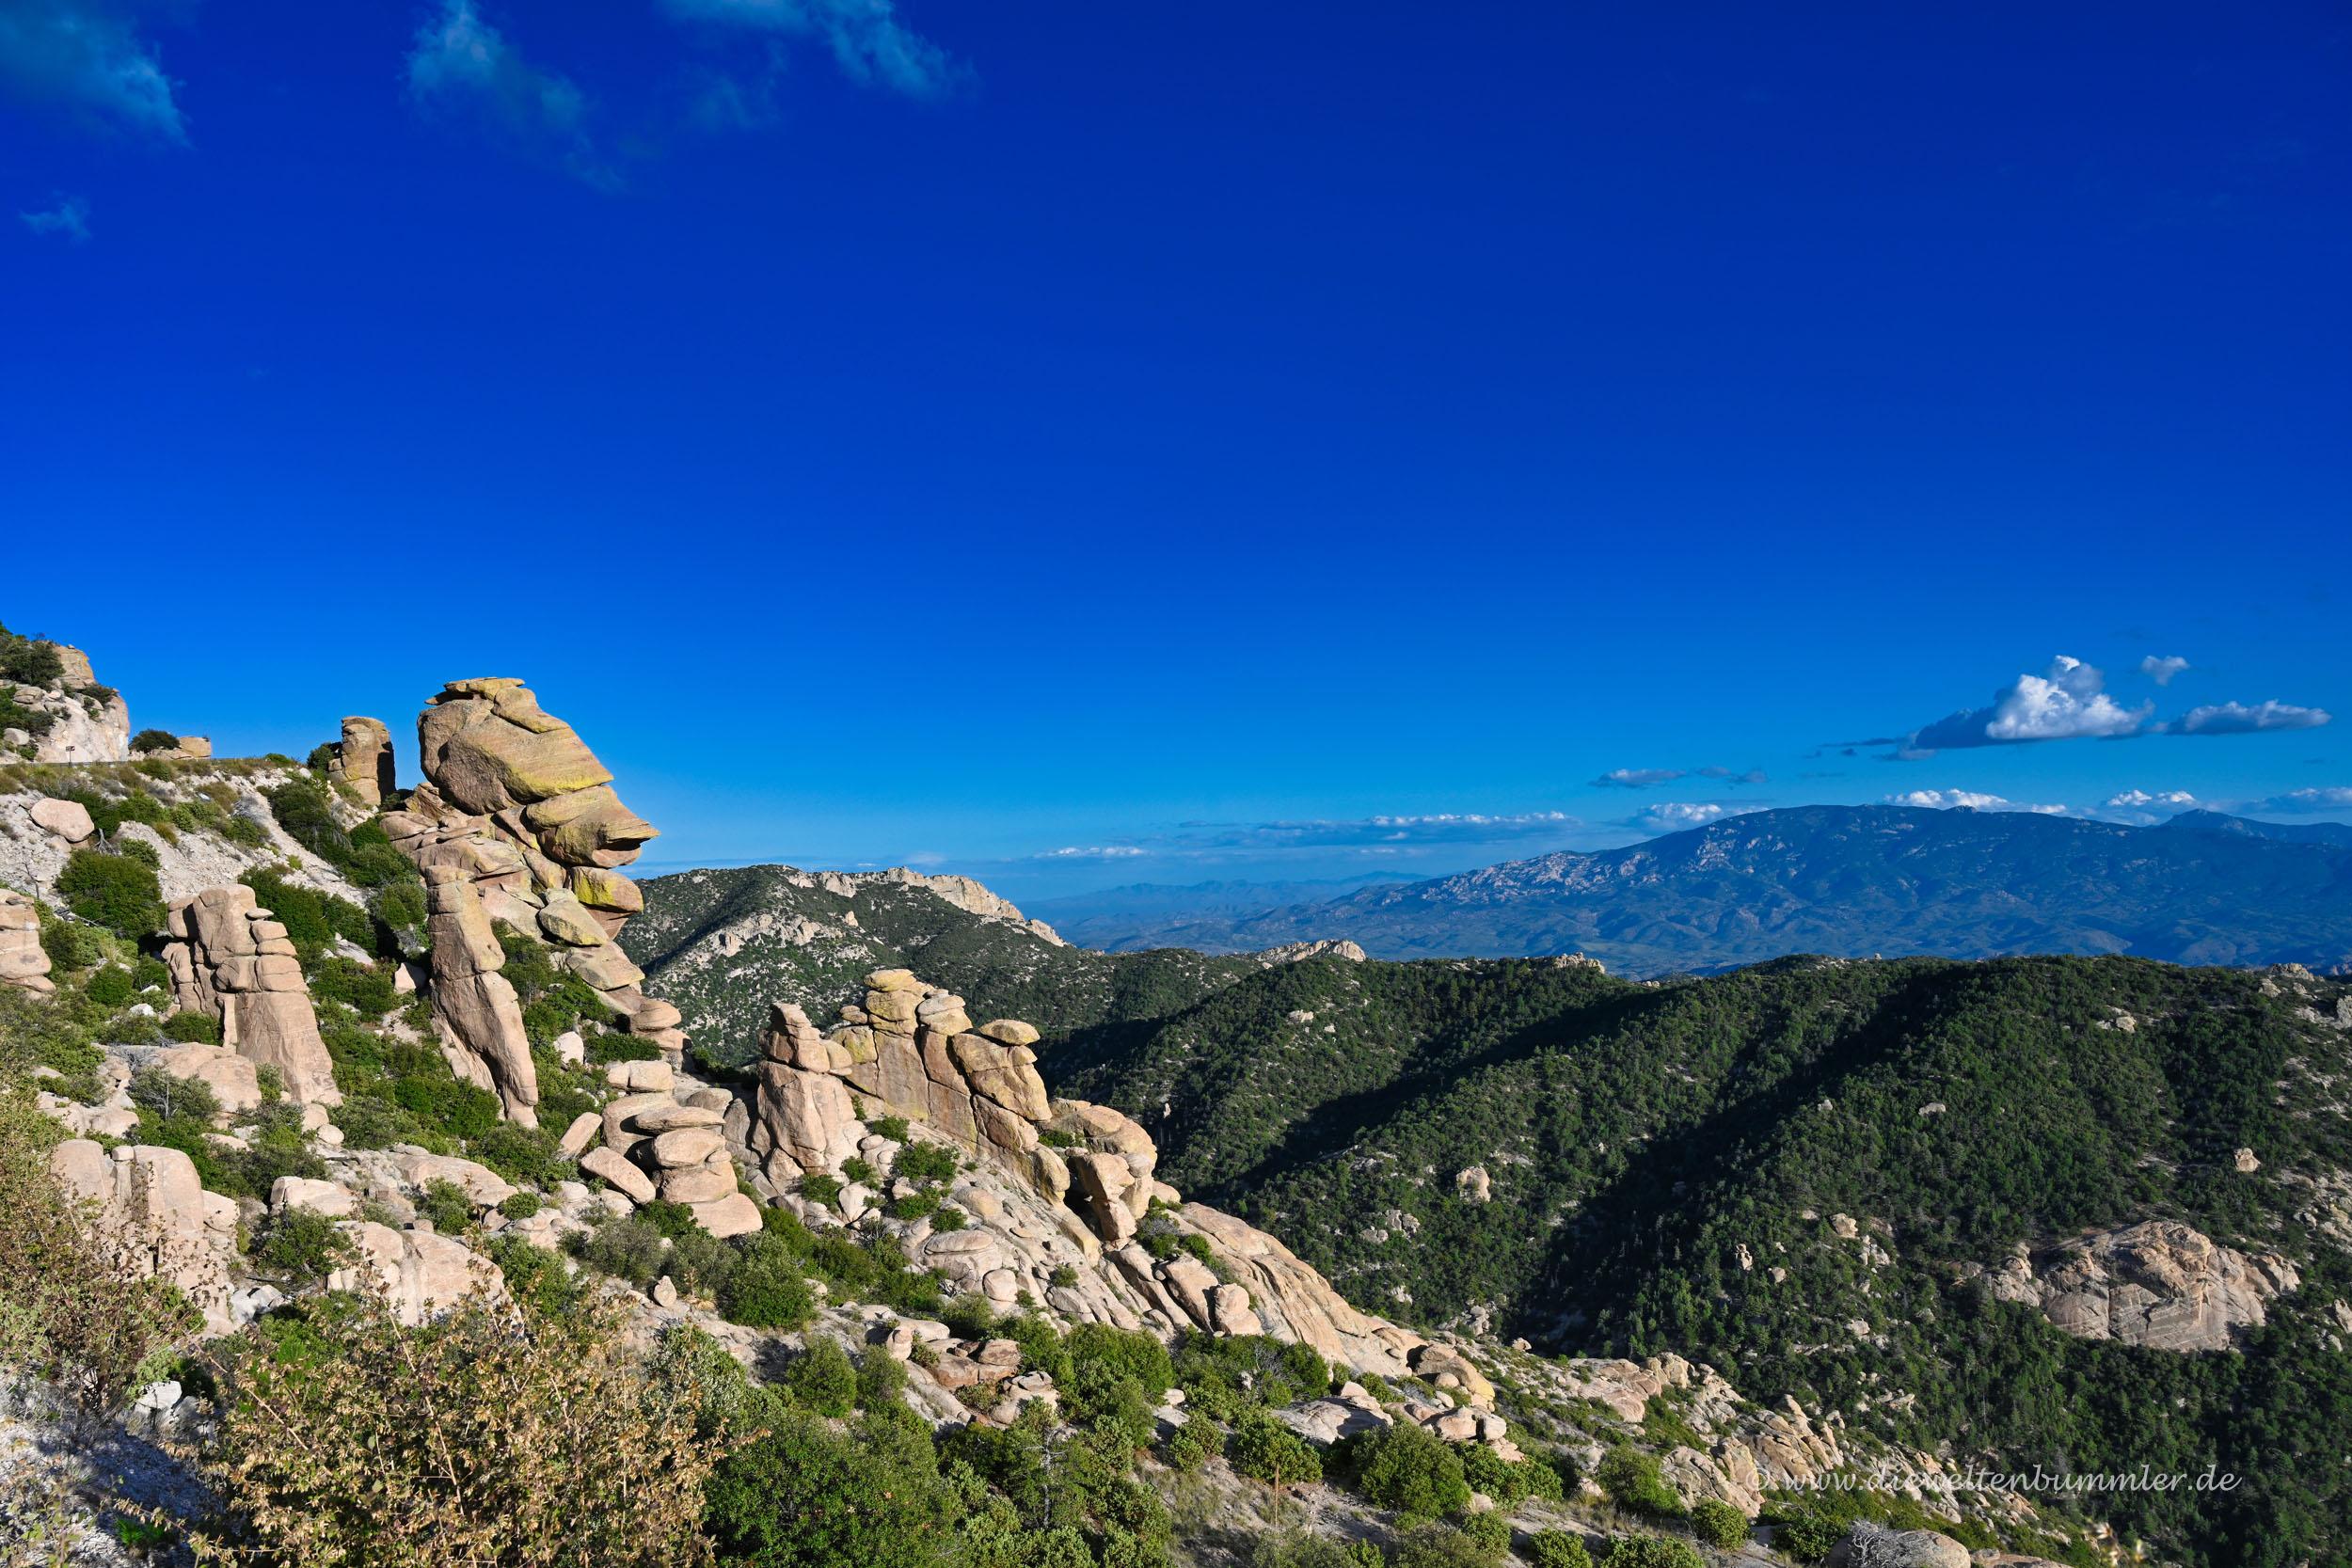 Felsen am Mount Lemmon